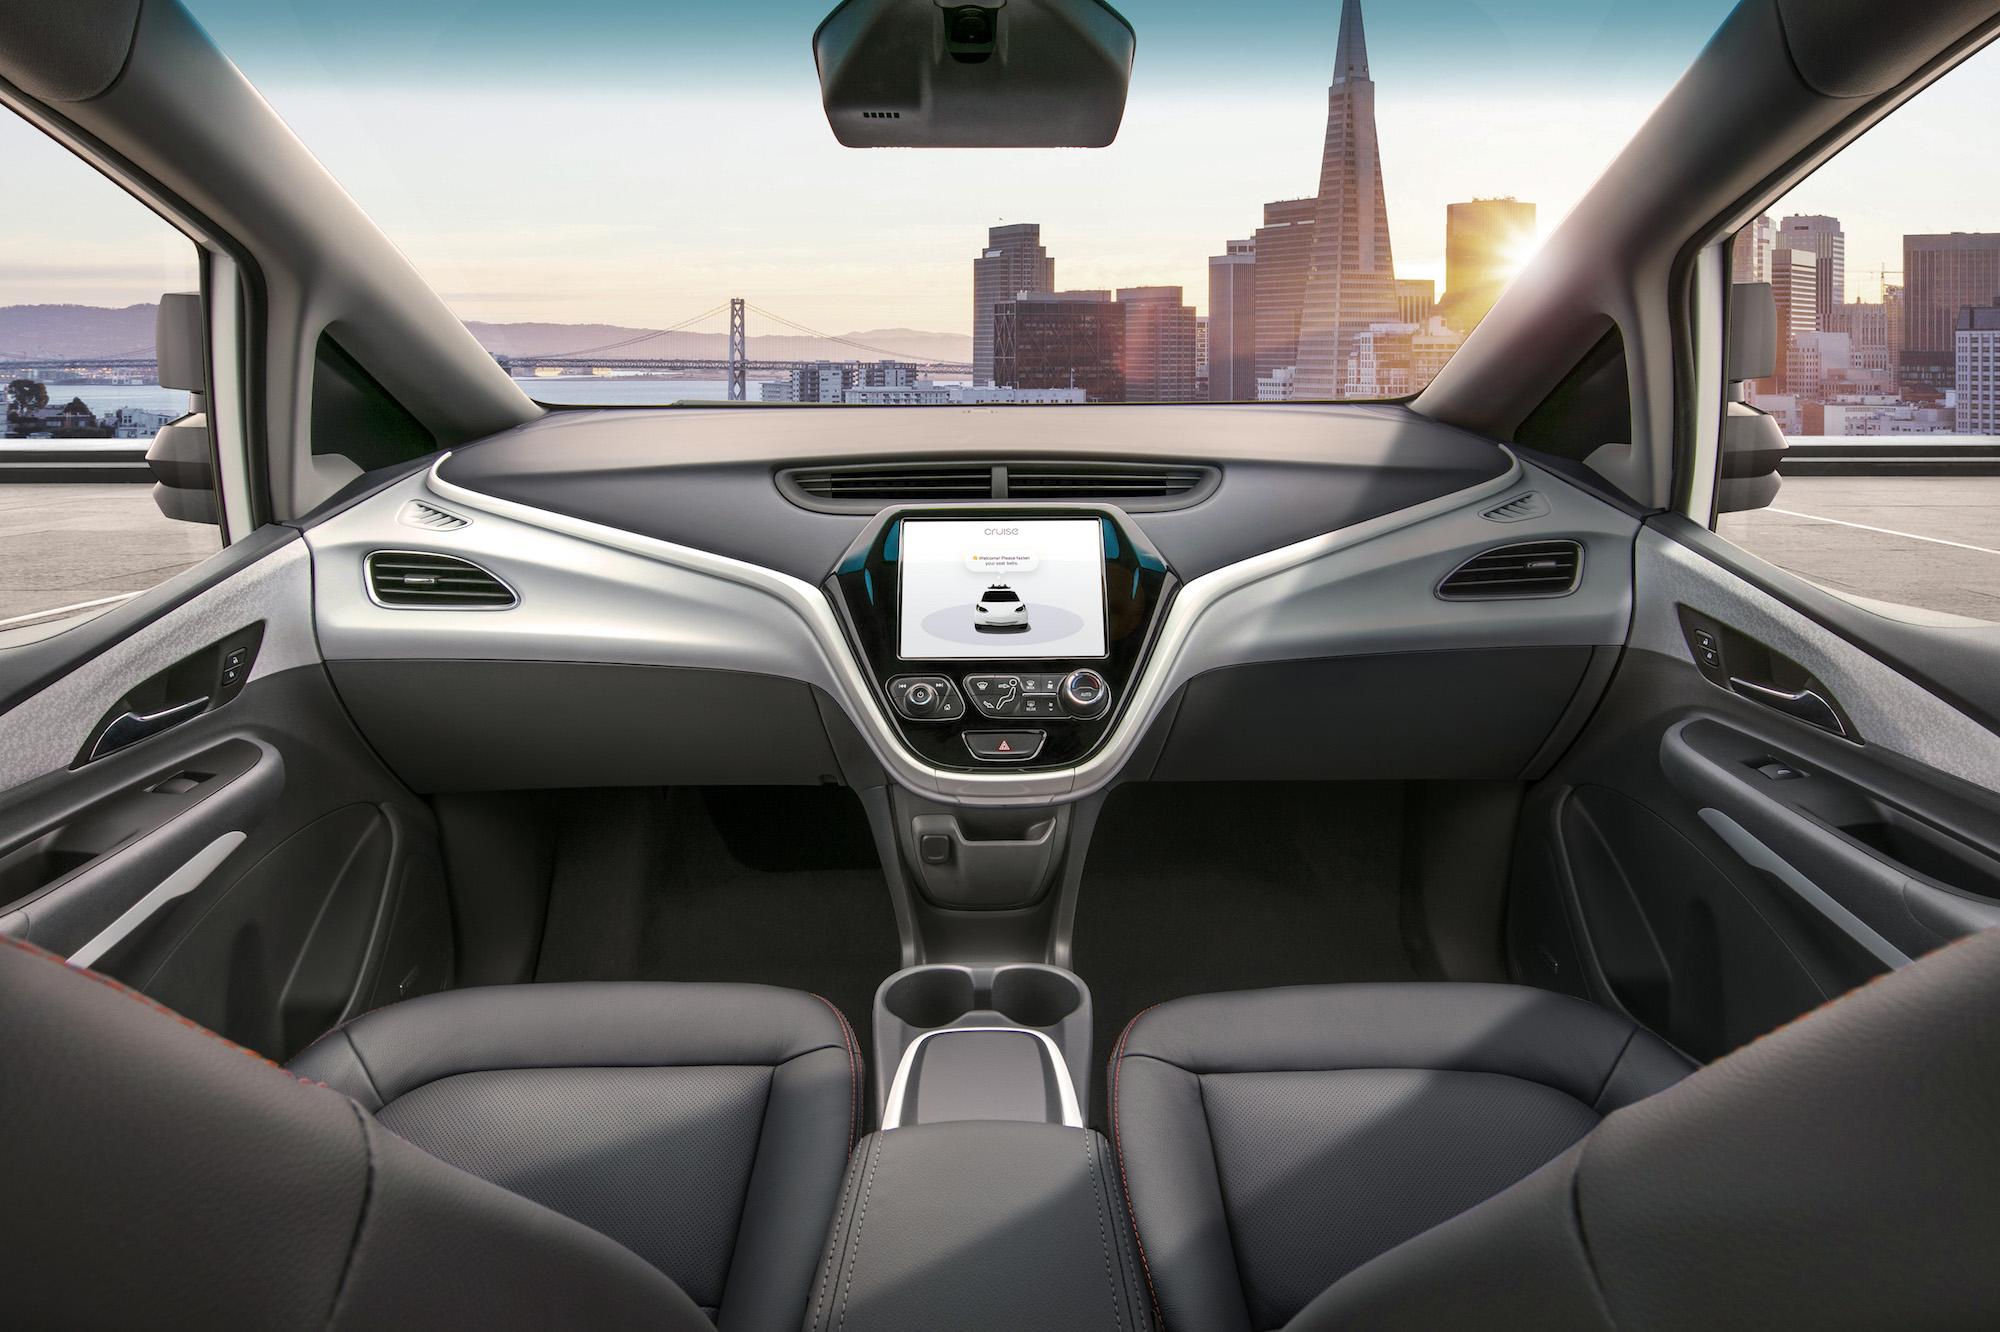 The interior of GM's Cruise AV